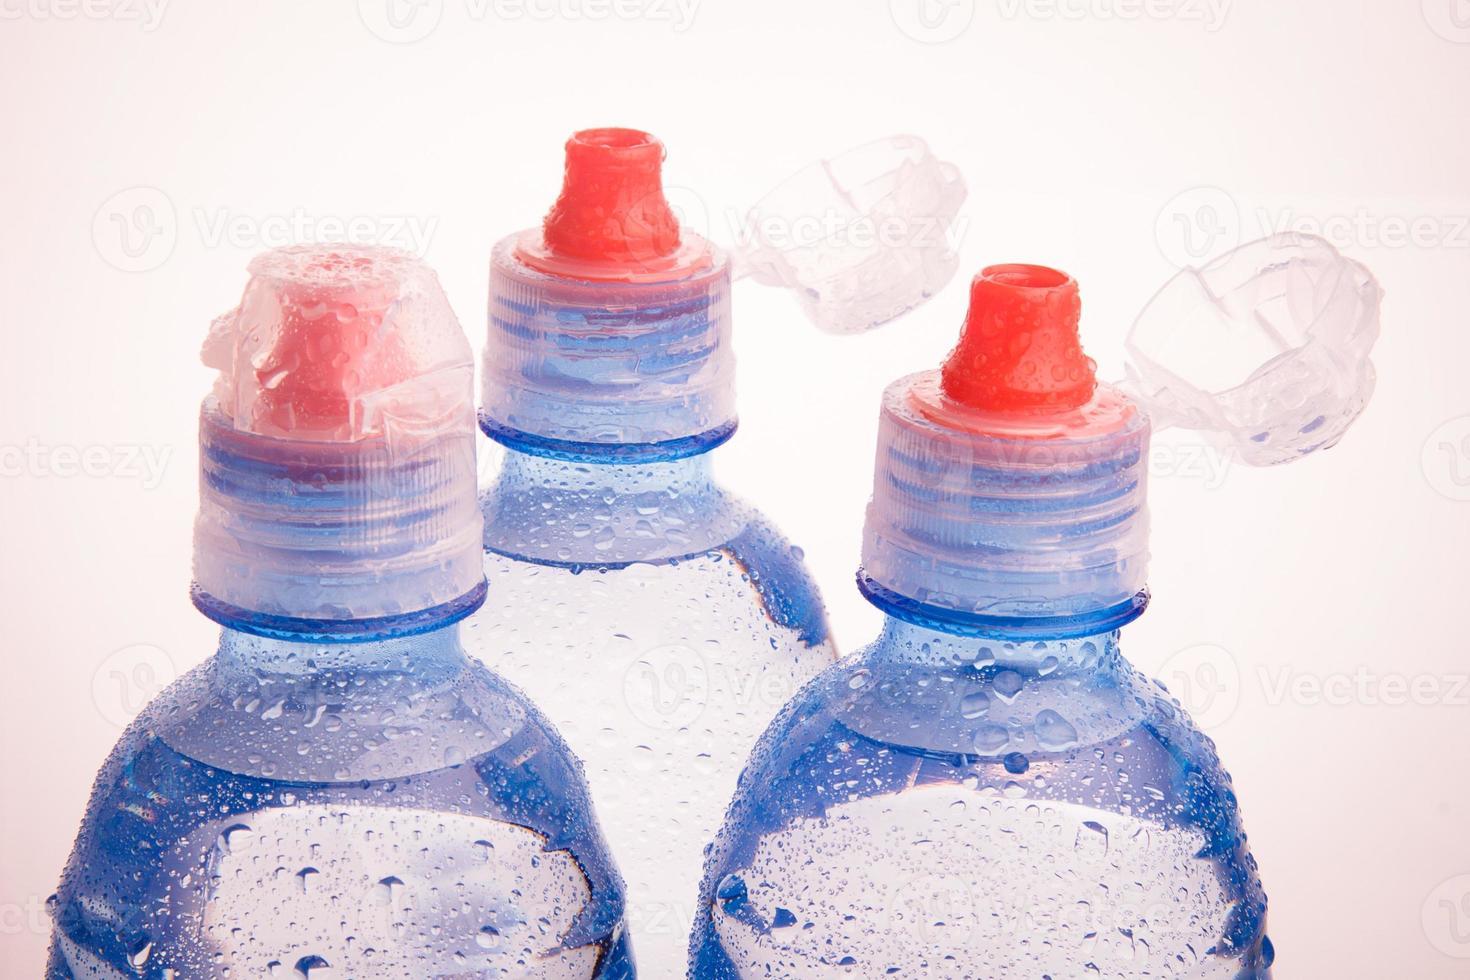 botellas de plástico de agua potable foto